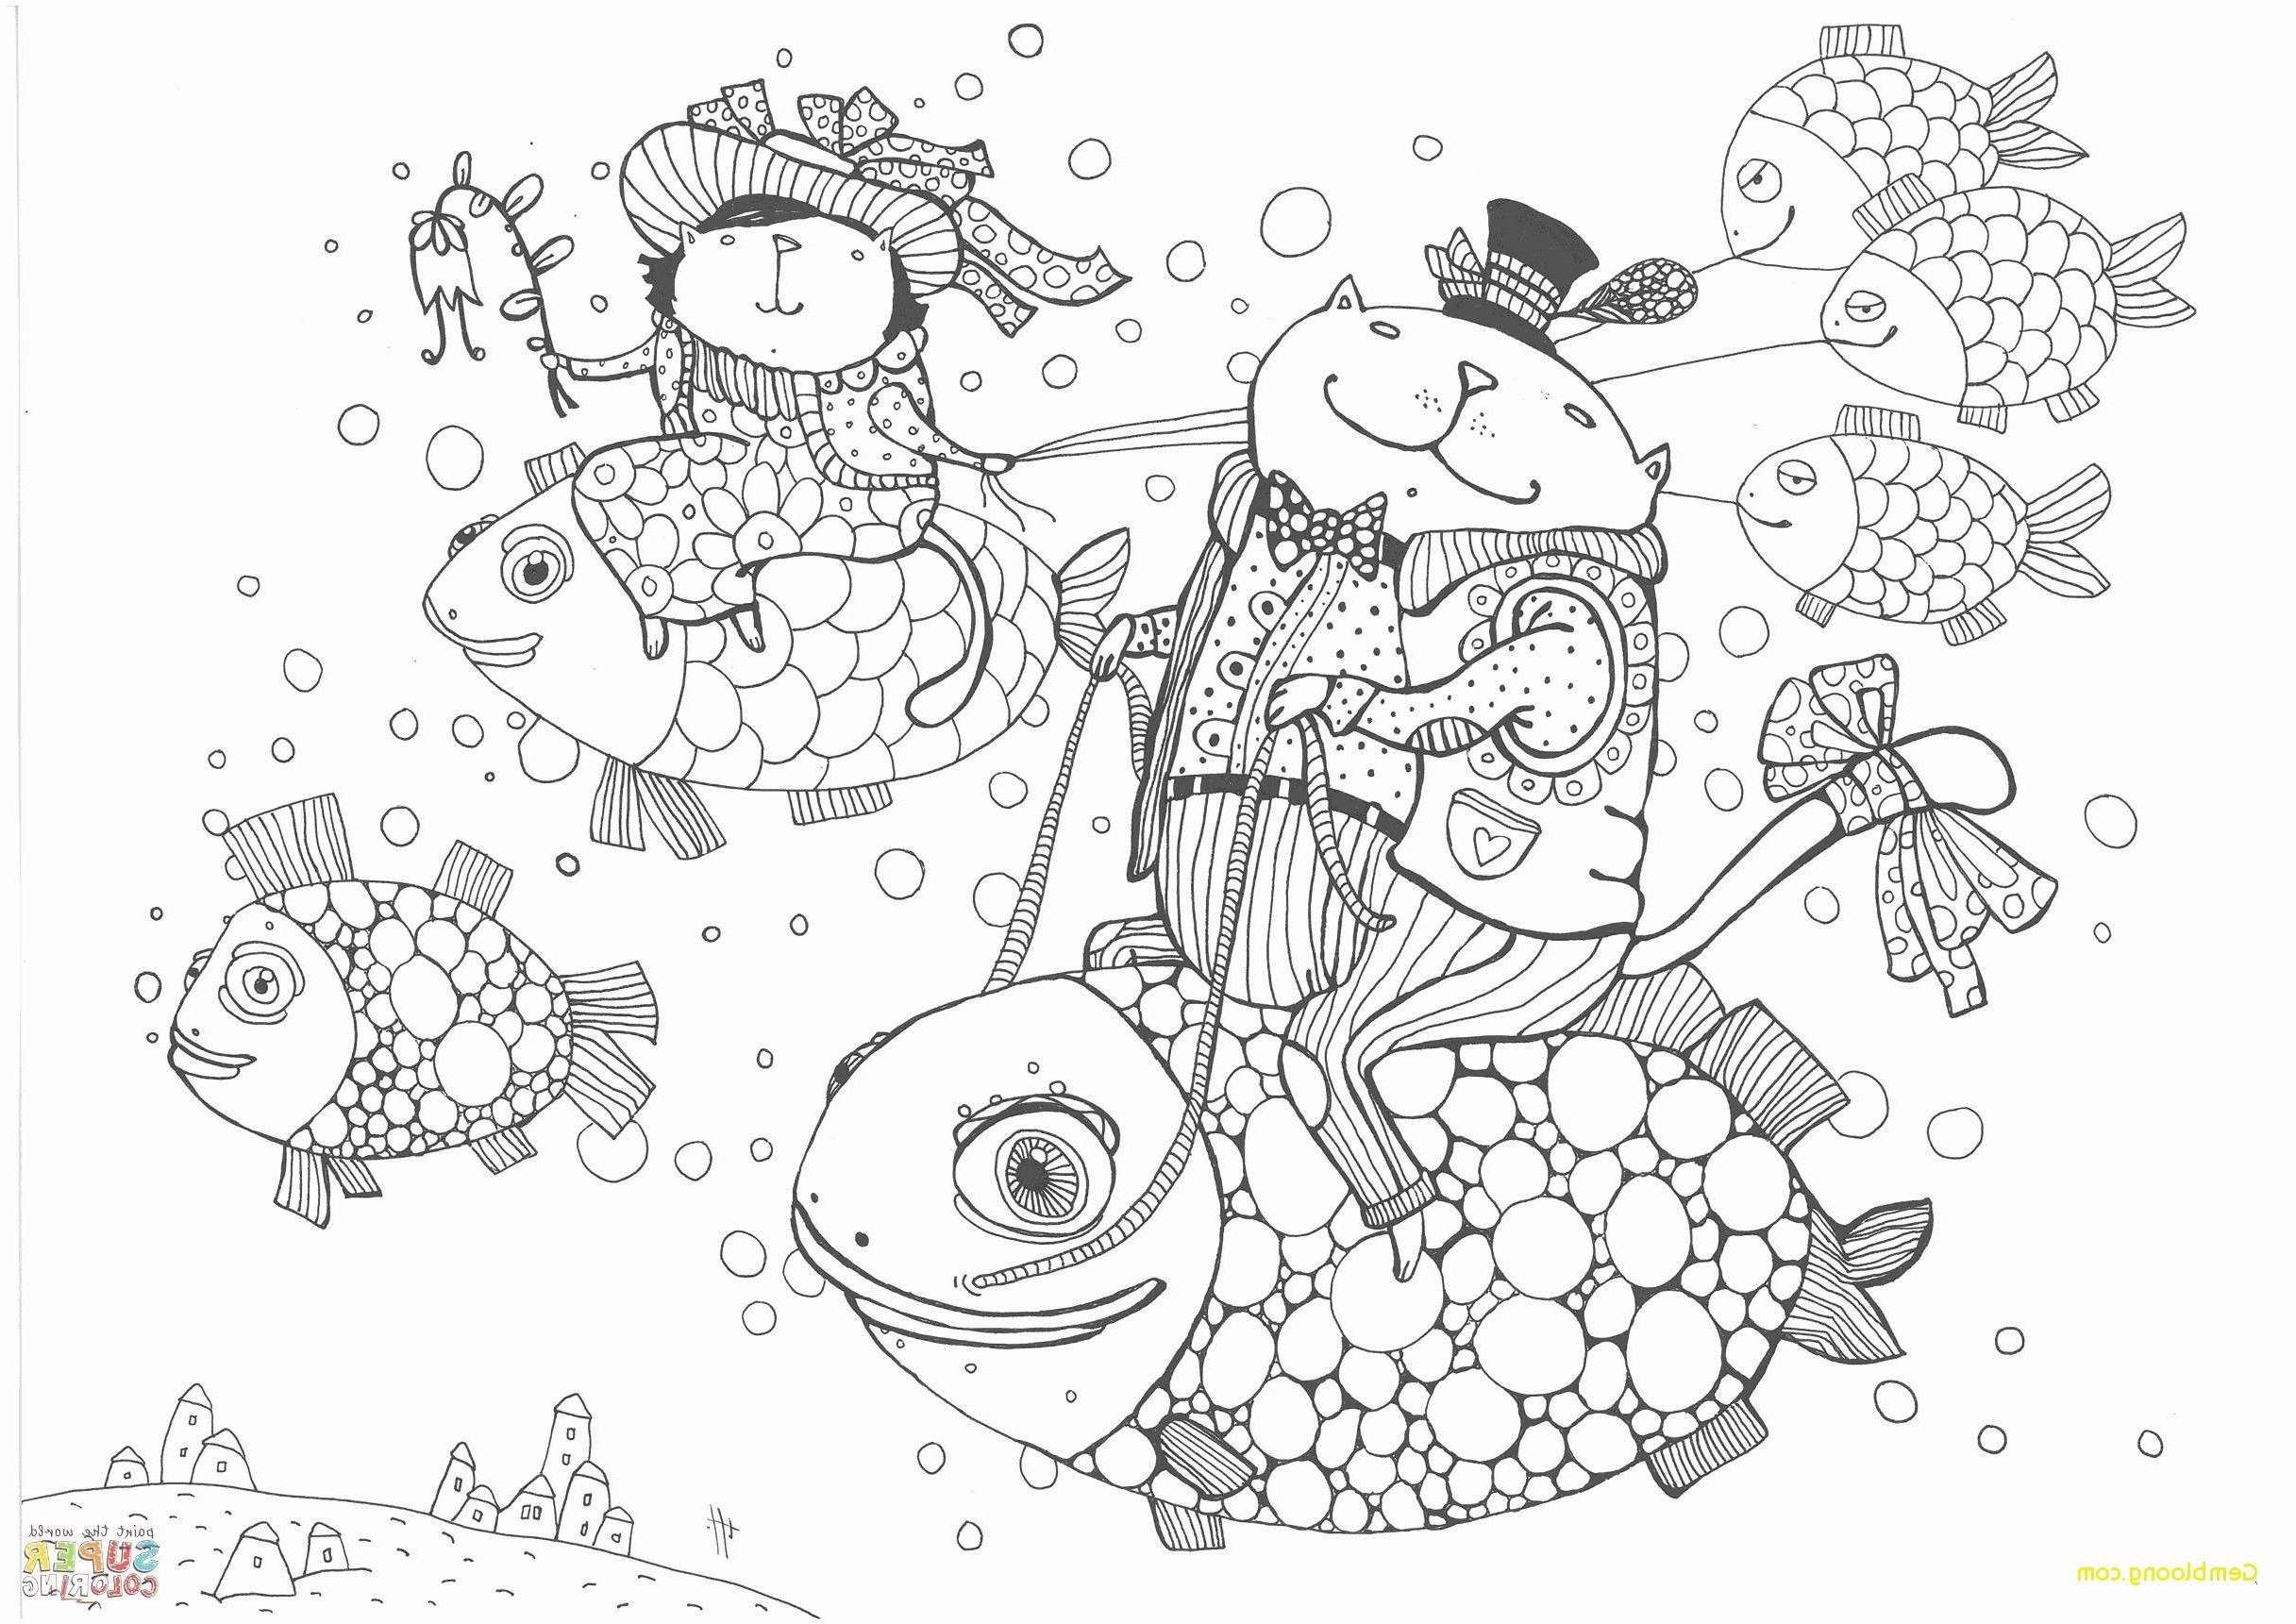 Ausmalbilder Kostenlos Minions Frisch 31 Fantastisch Malvorlagen Minions – Malvorlagen Ideen Fotografieren